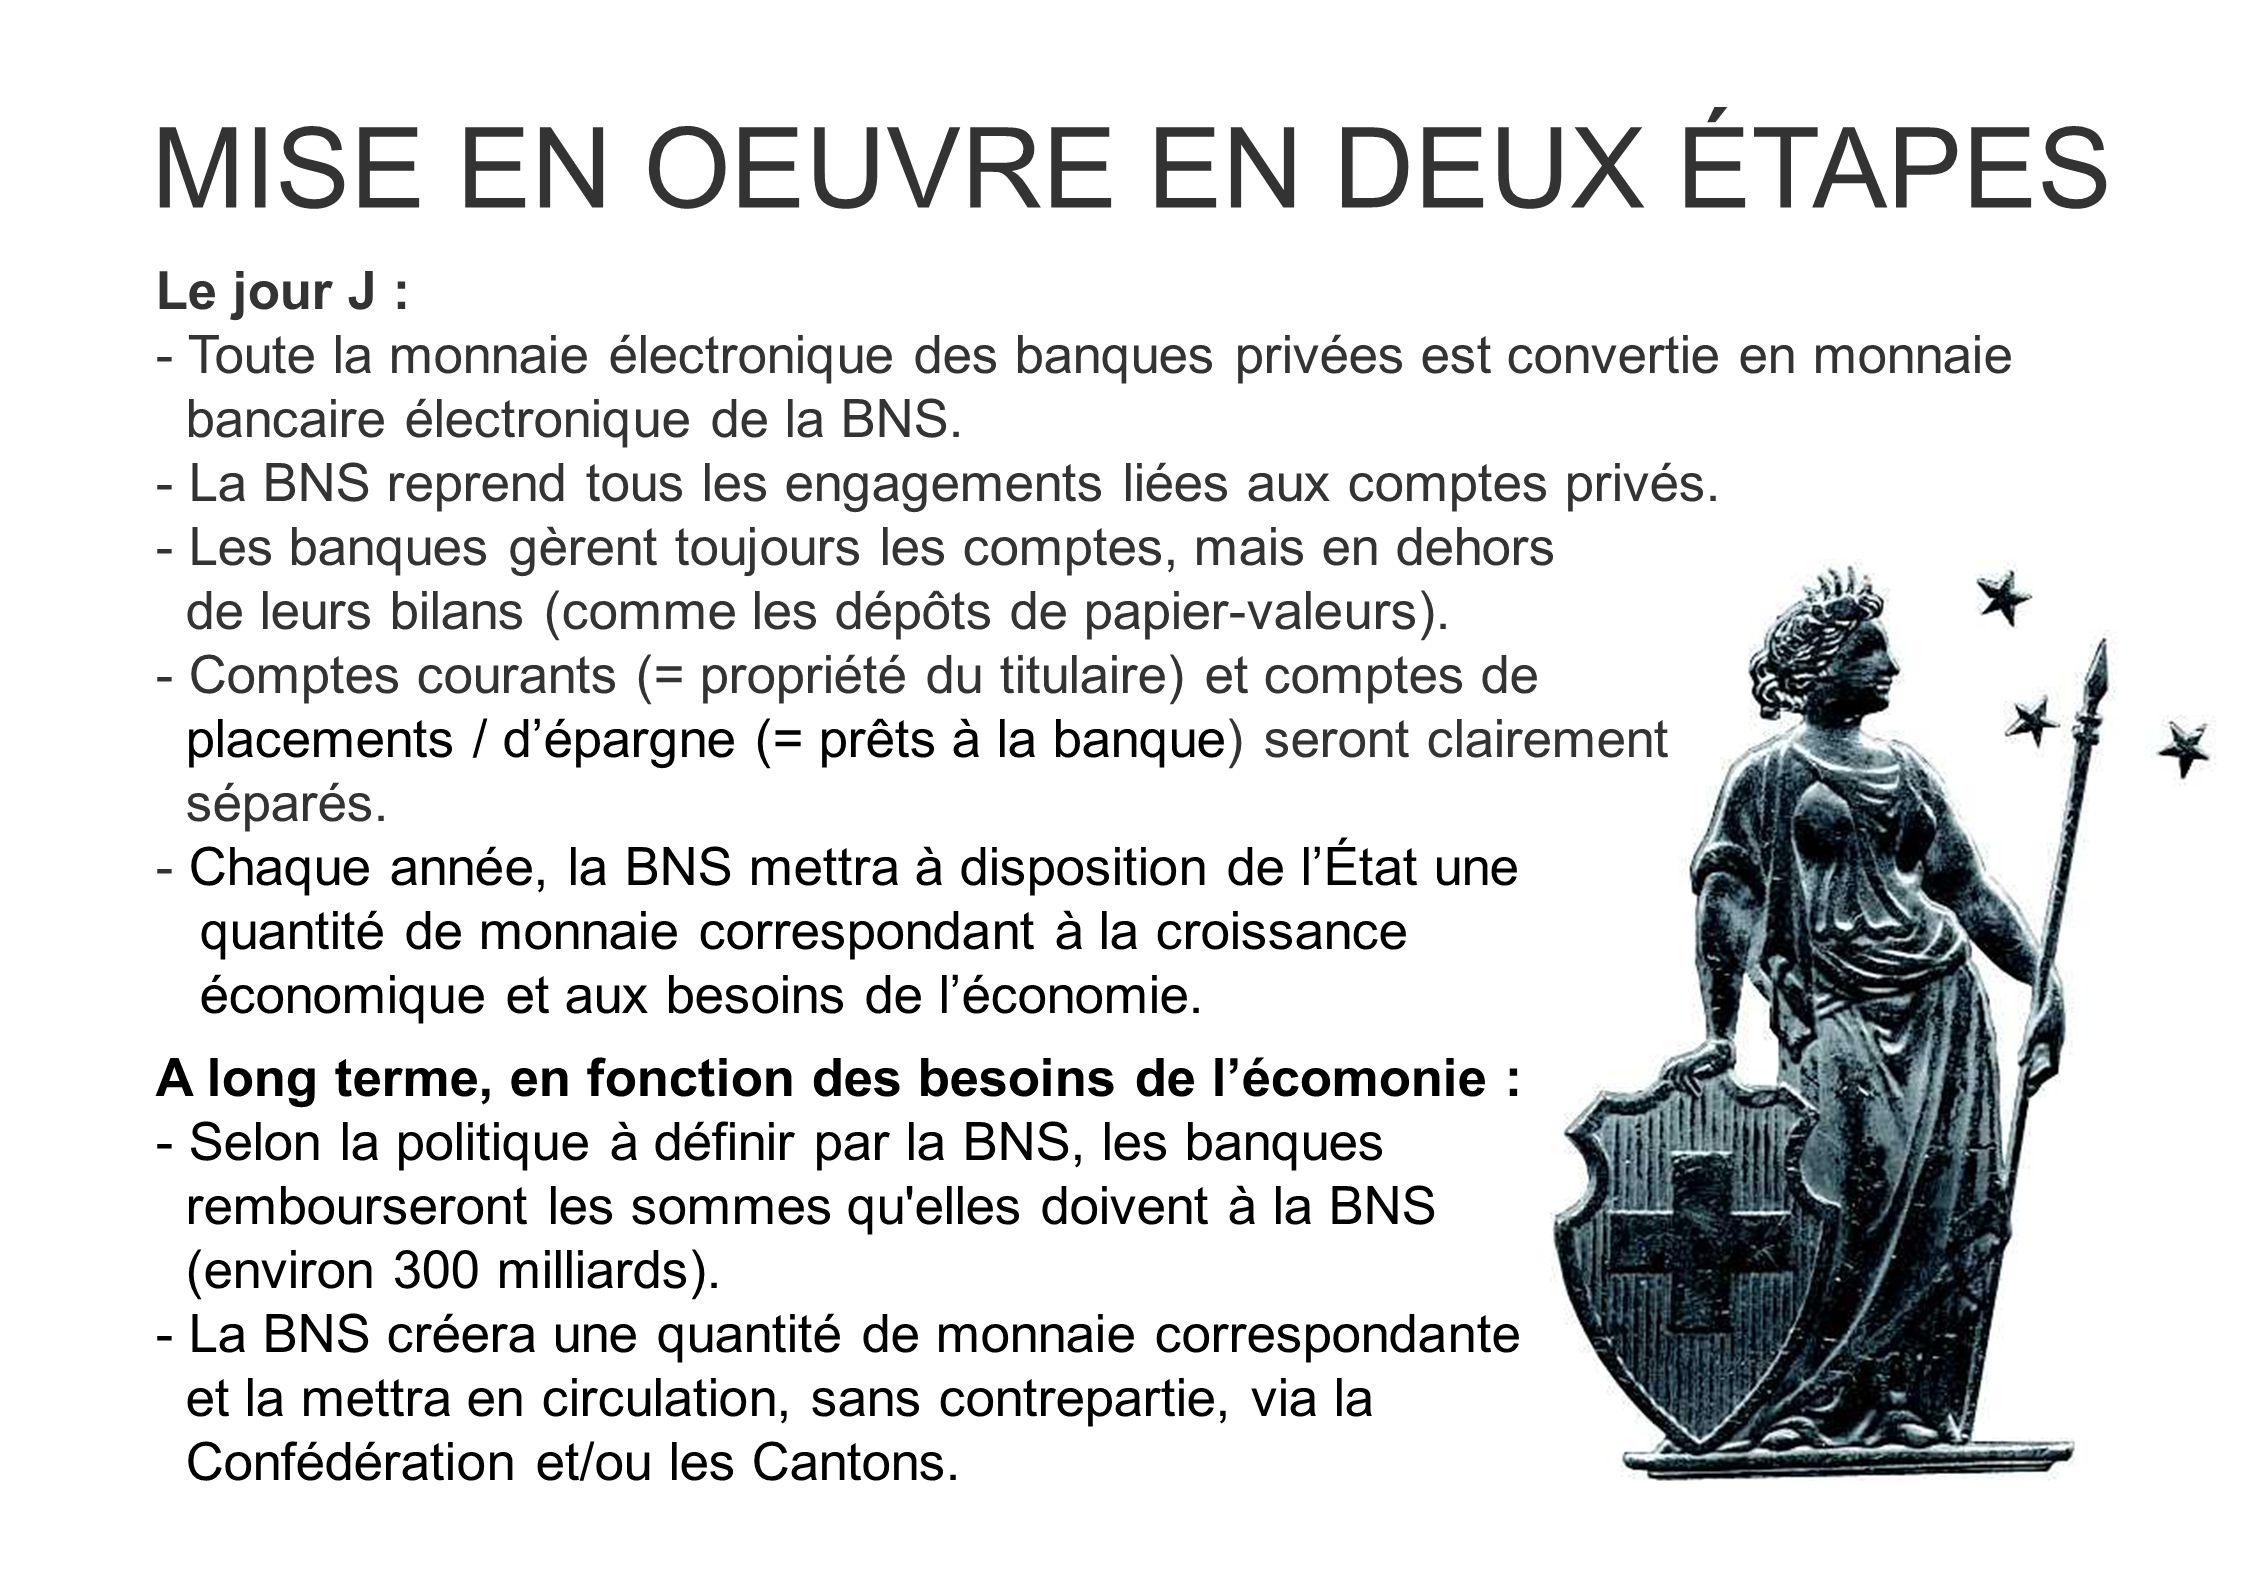 Le jour J : - Toute la monnaie électronique des banques privées est convertie en monnaie bancaire électronique de la BNS. - La BNS reprend tous les en